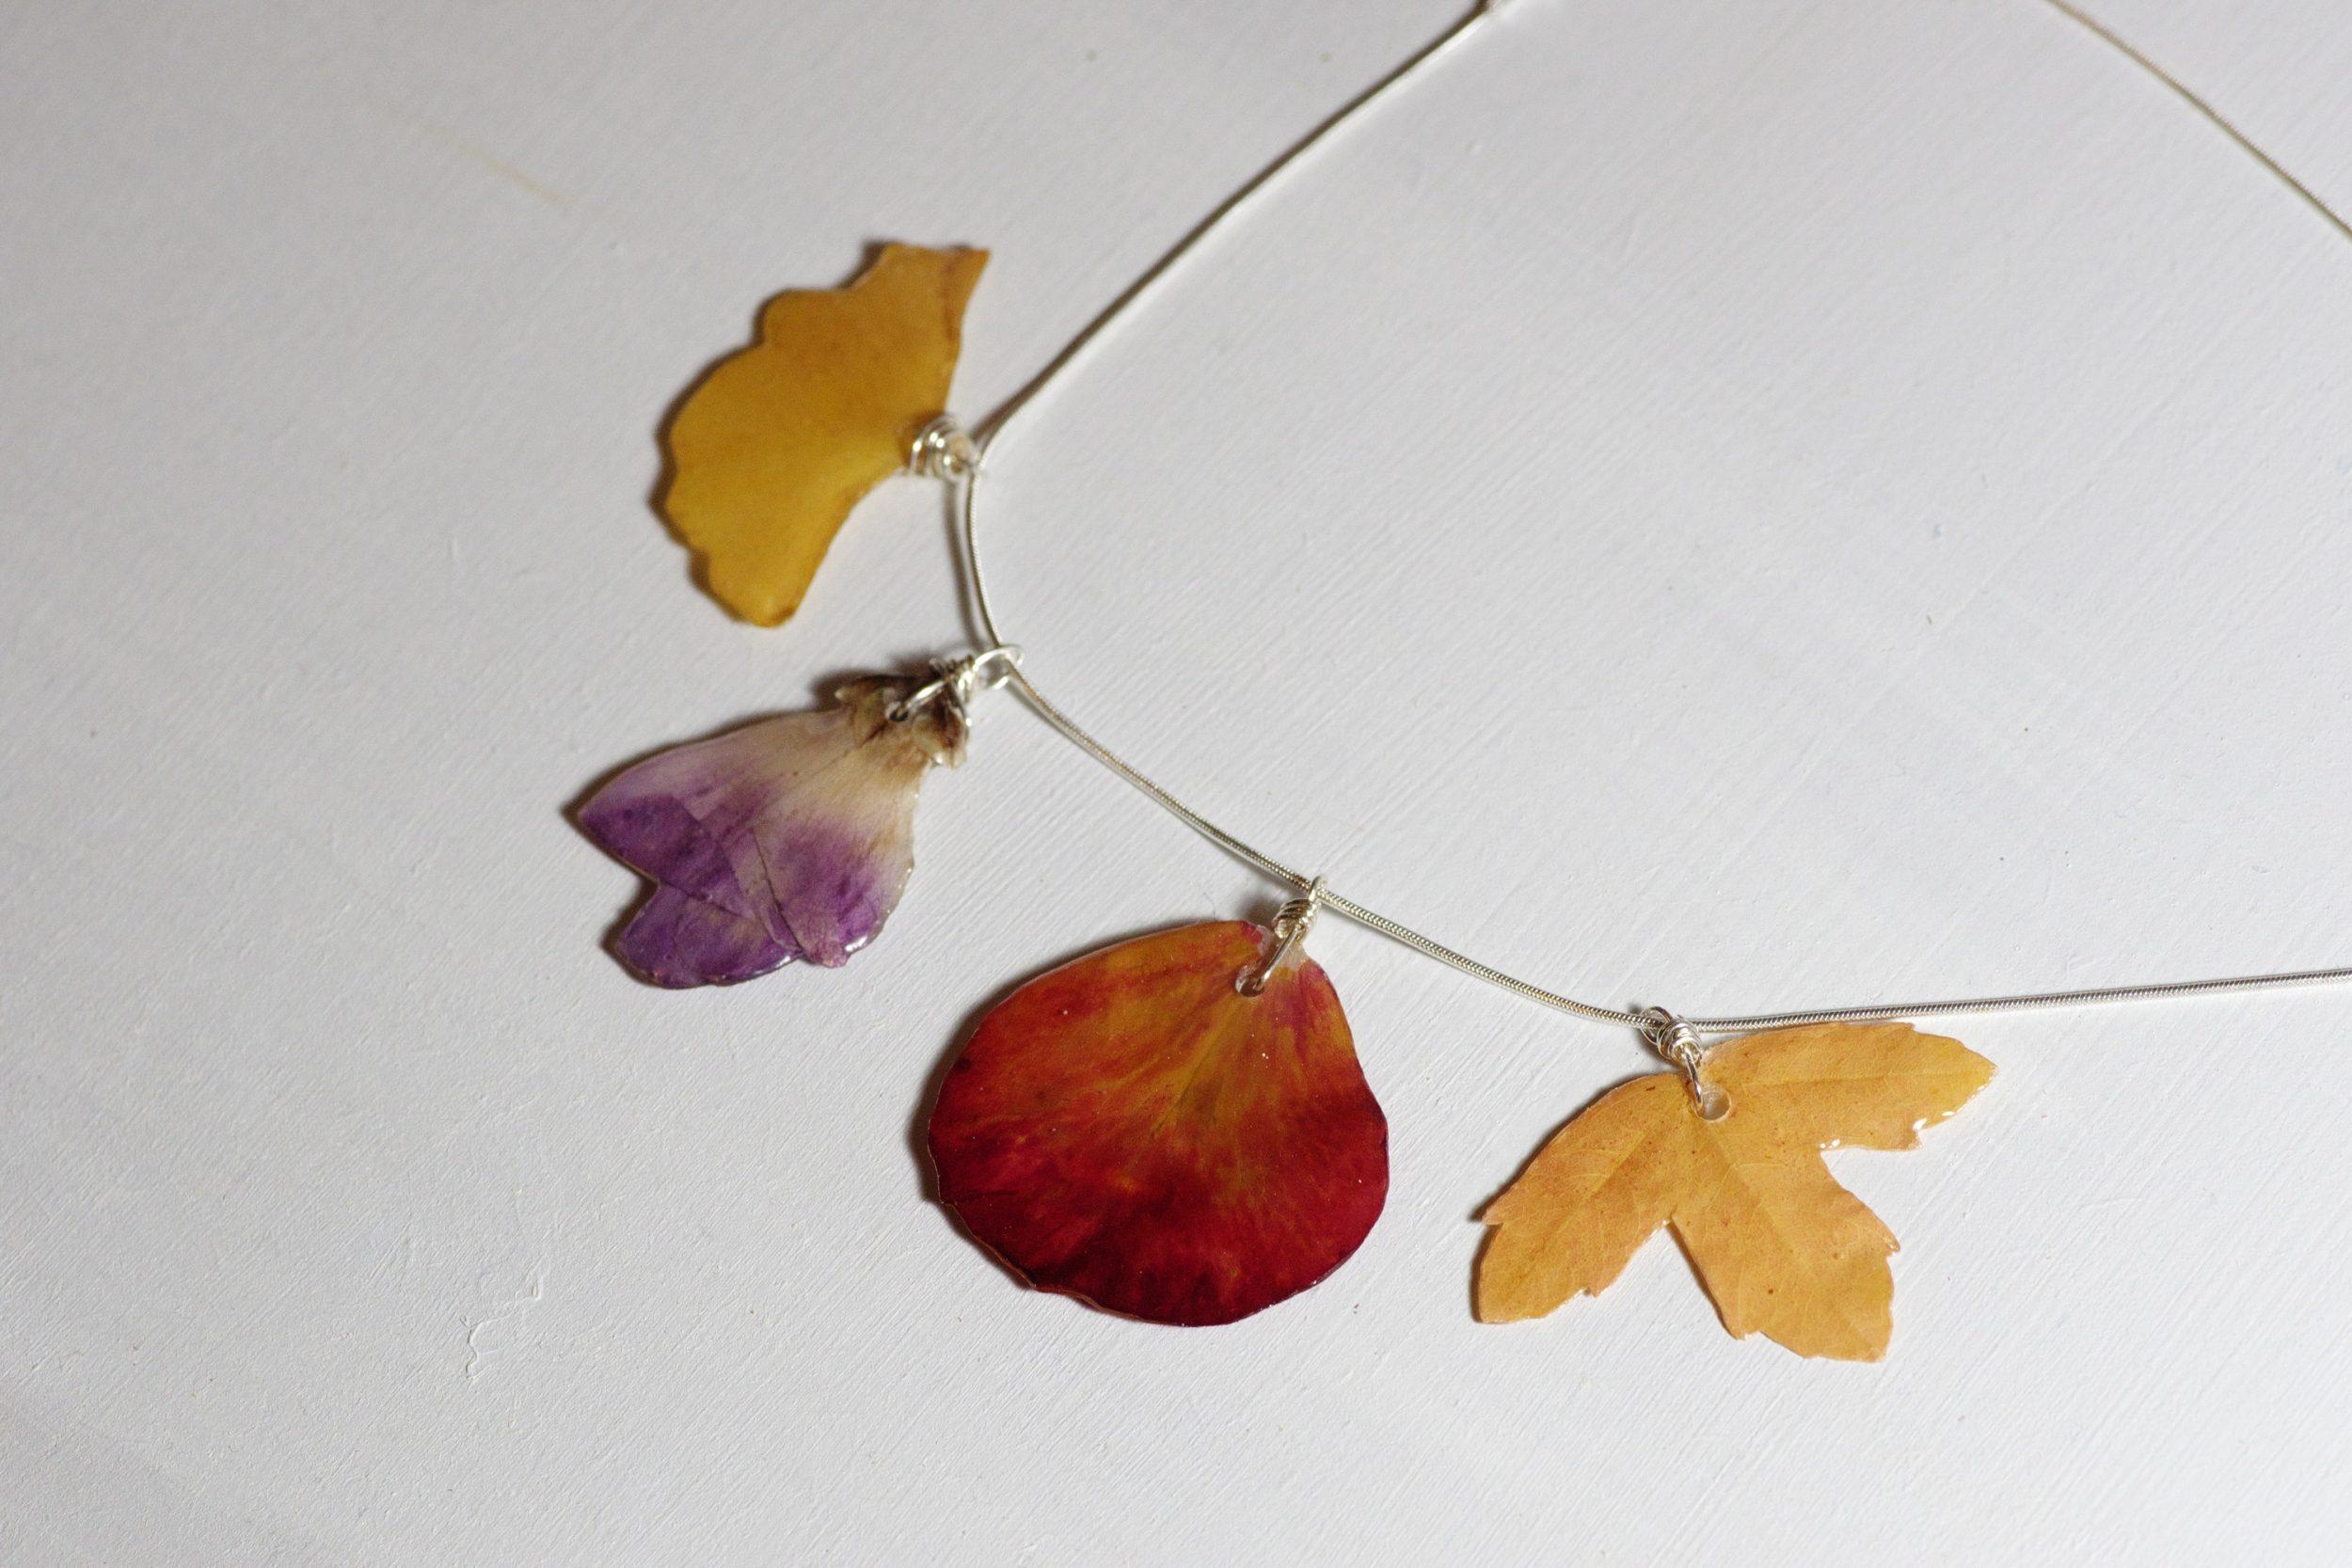 chaîne en argent avec quatre pendentifs végétaux bien étalés : feuille ajuene, fleur violette, pétale rouge, feuille beige